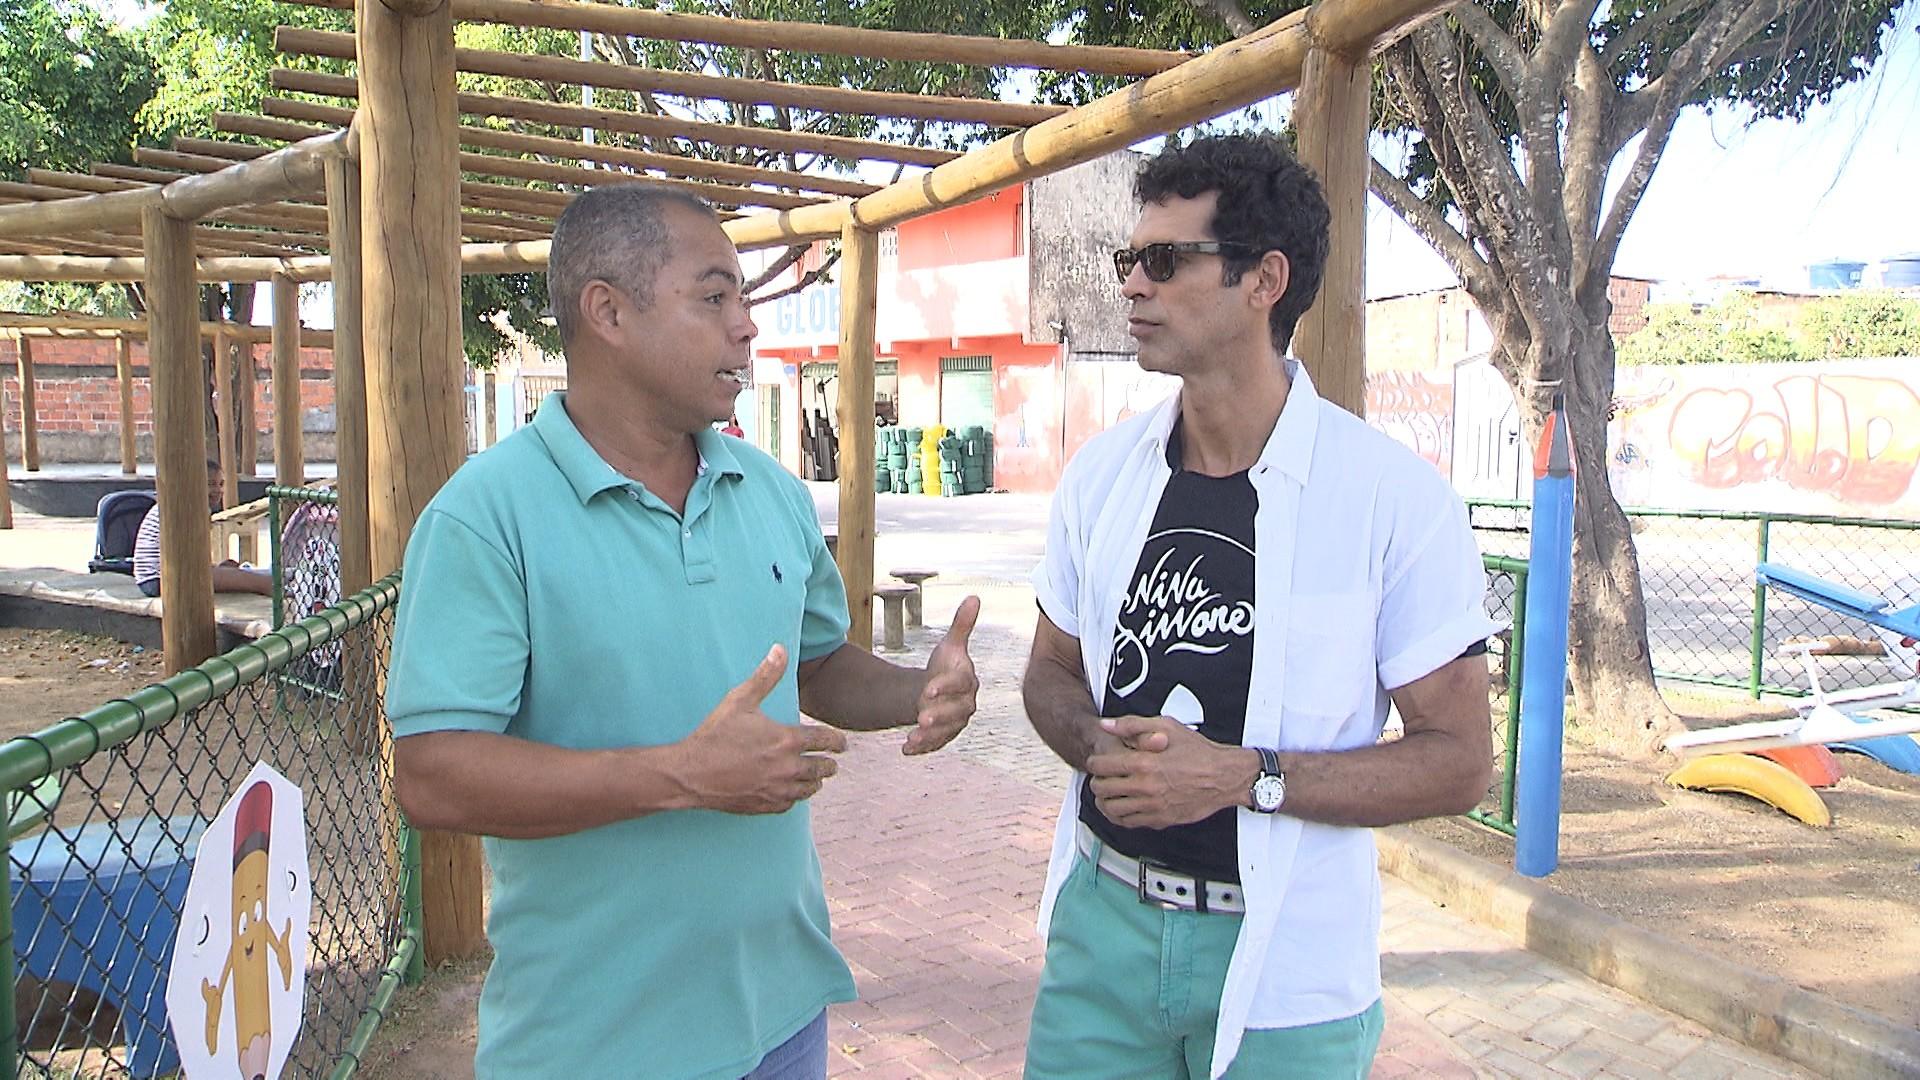 Jackson Costa entrevista Carlos Santos, líder comunitário do Bairro da Paz (Foto: Divulgação)